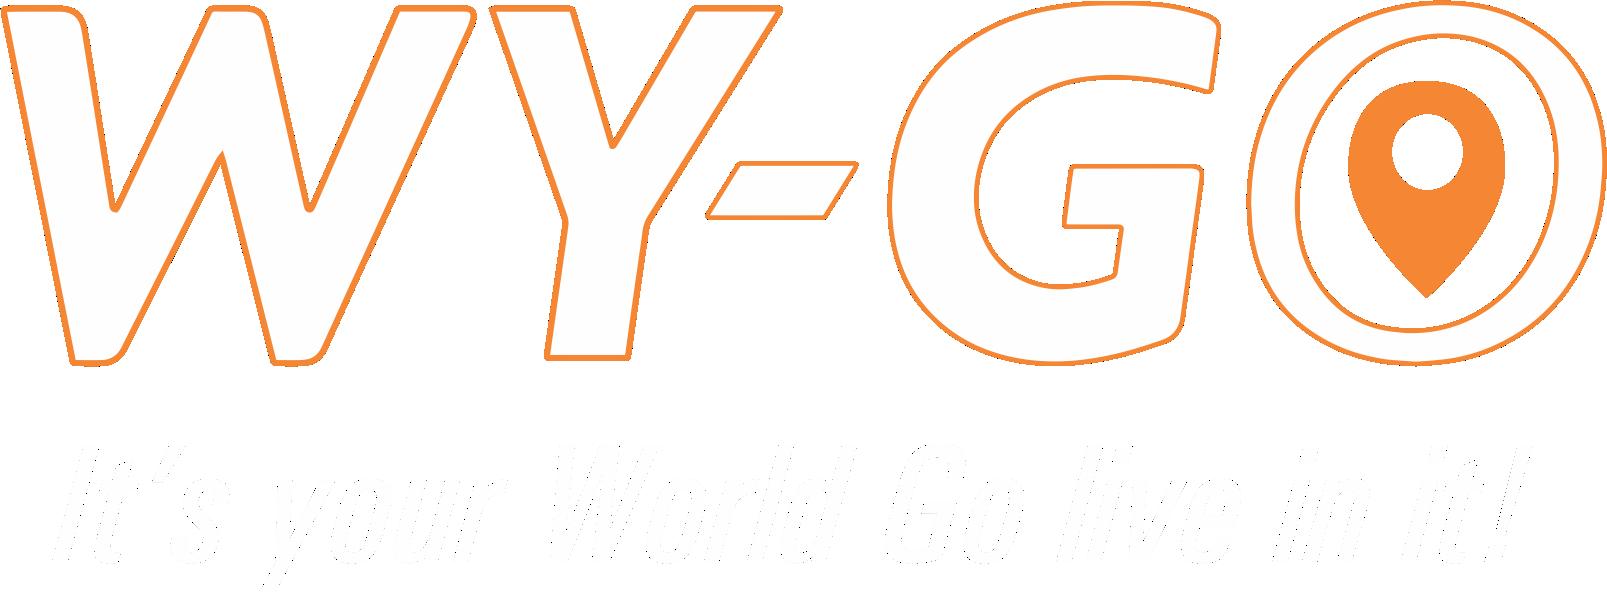 Wy-go logo